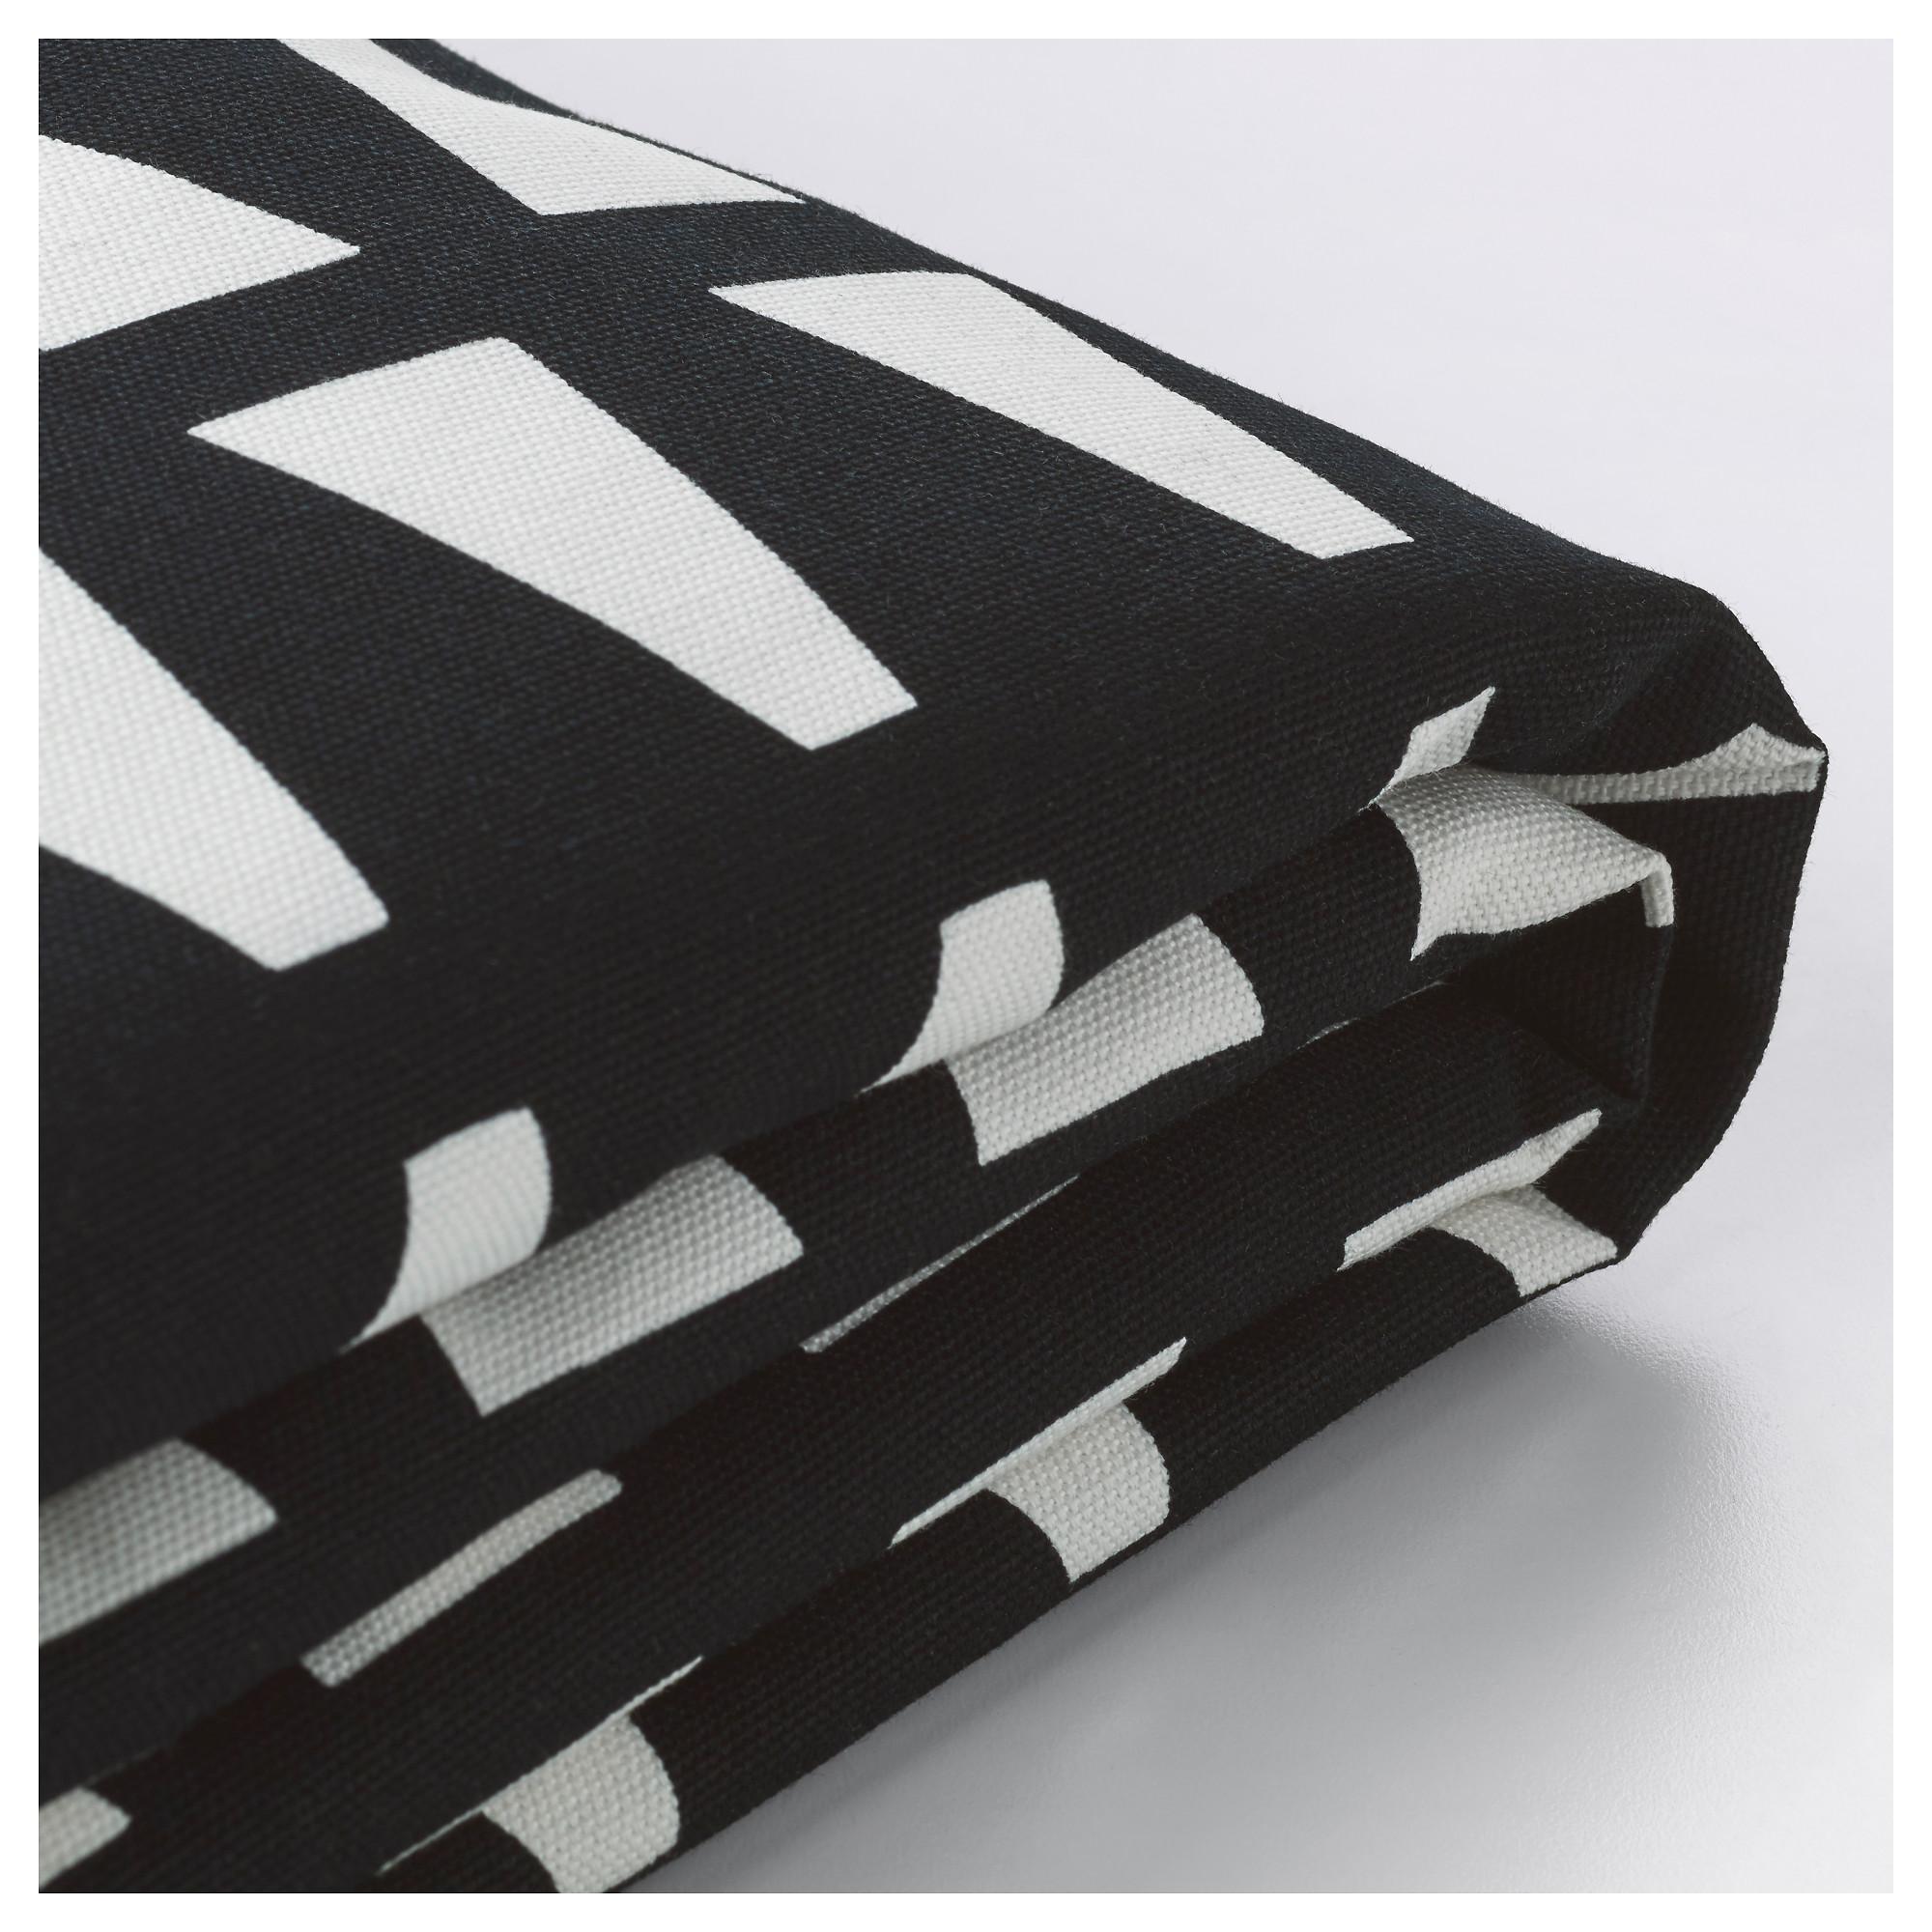 Чехол на 2-местный диван-кровать ЛИКСЕЛЕ черный/белый артикуль № 503.830.58 в наличии. Интернет магазин IKEA Беларусь. Быстрая доставка и установка.